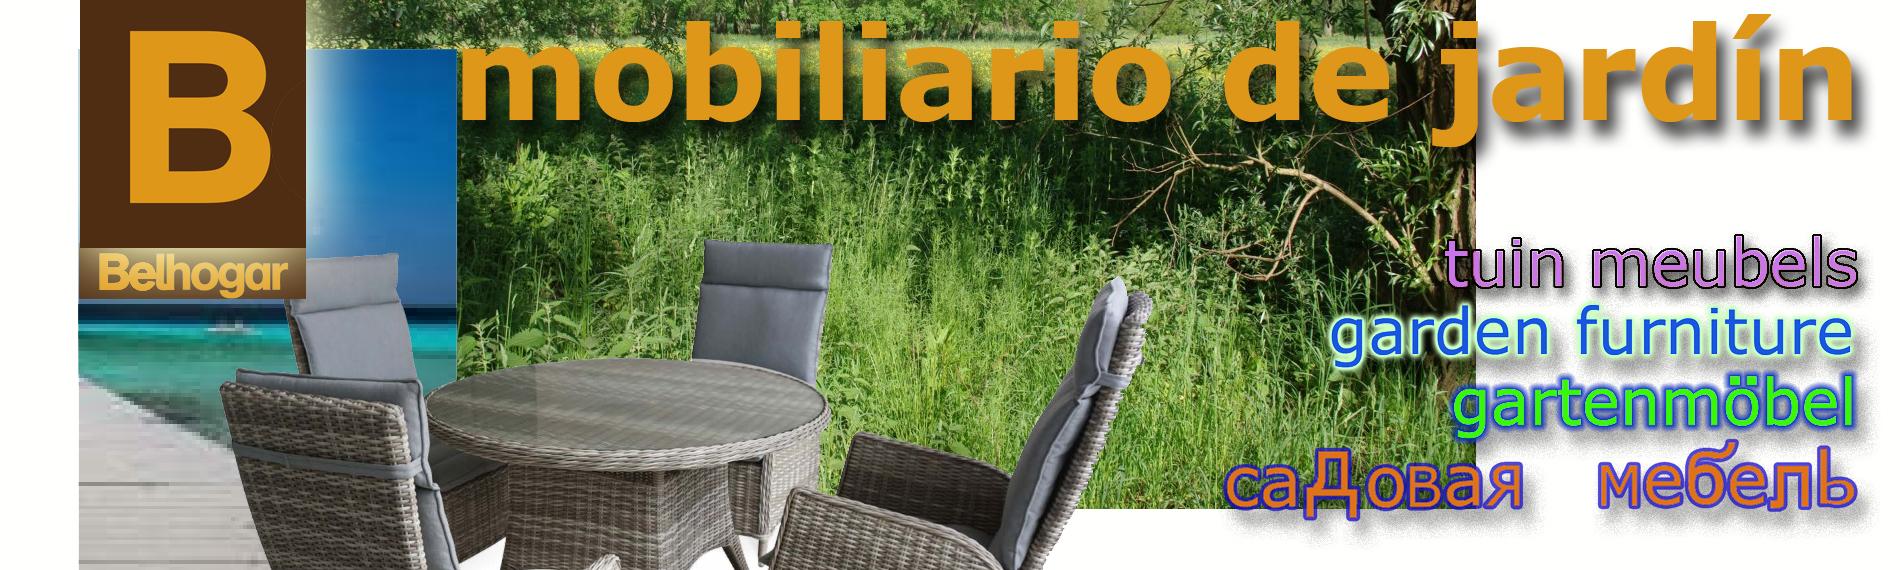 Tiendas de muebles en murcia good tienda de muebles en castelln with tiendas de muebles en - Tienda de muebles en cartagena ...